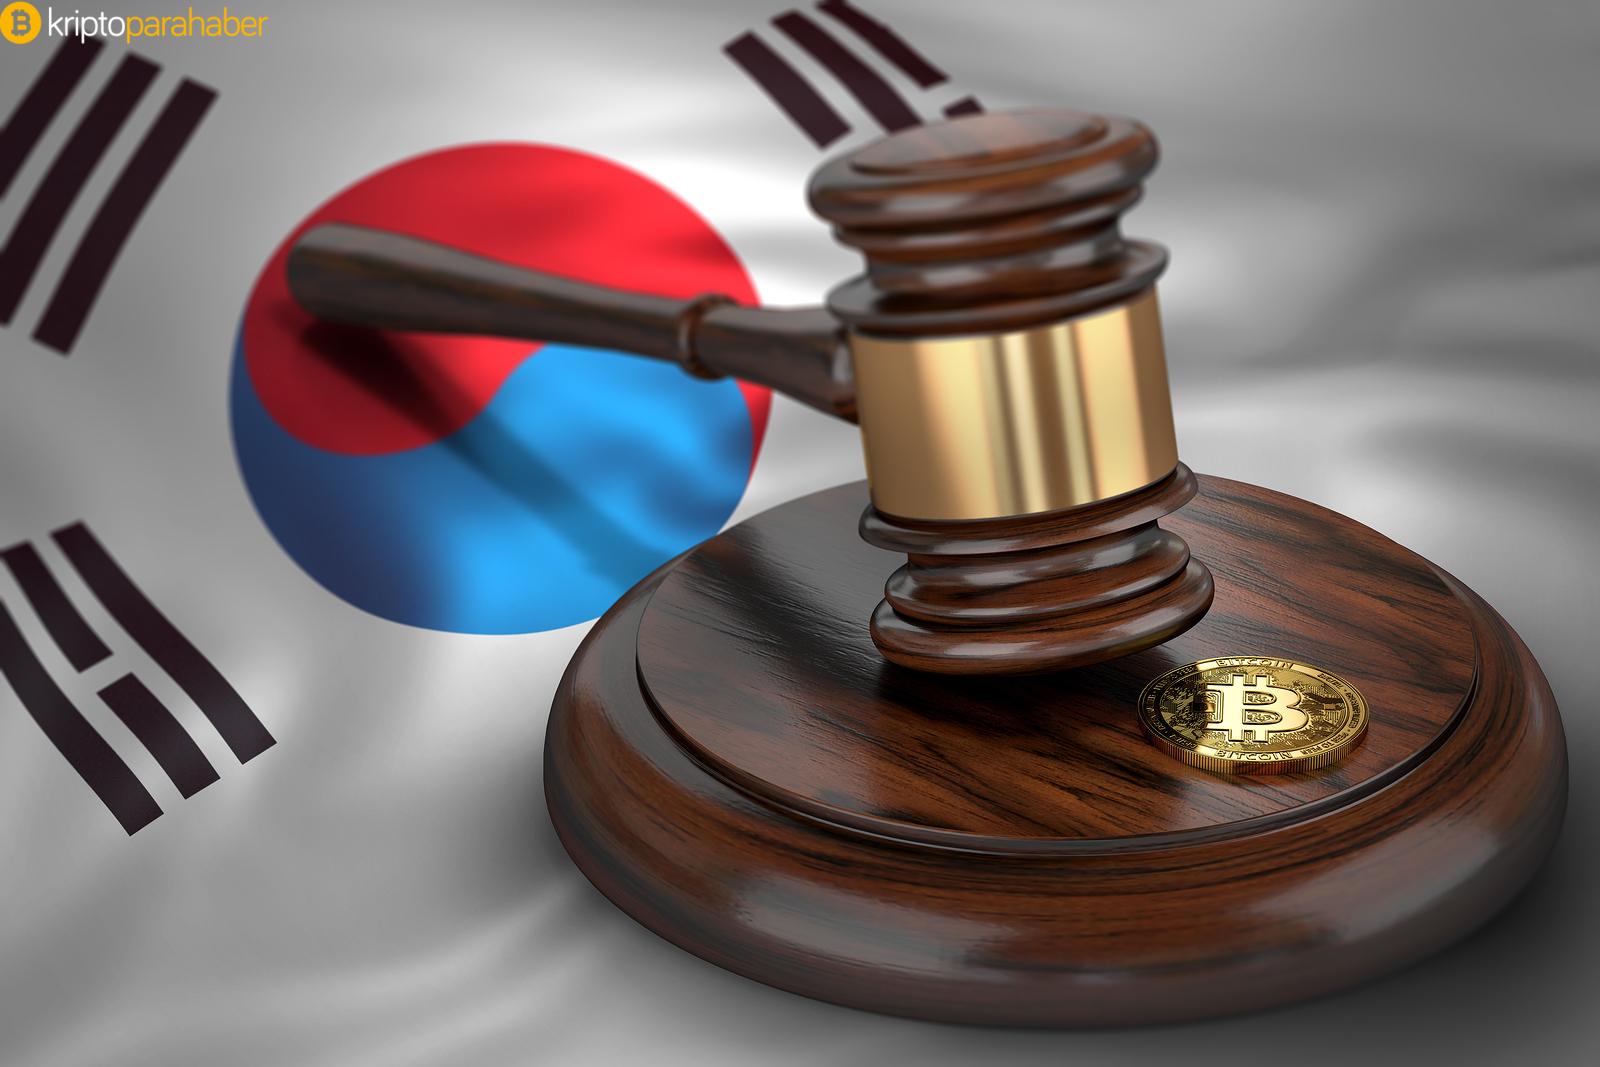 Güney Kore'deki bazı polis memurlarının kripto para satın alması artık yasak